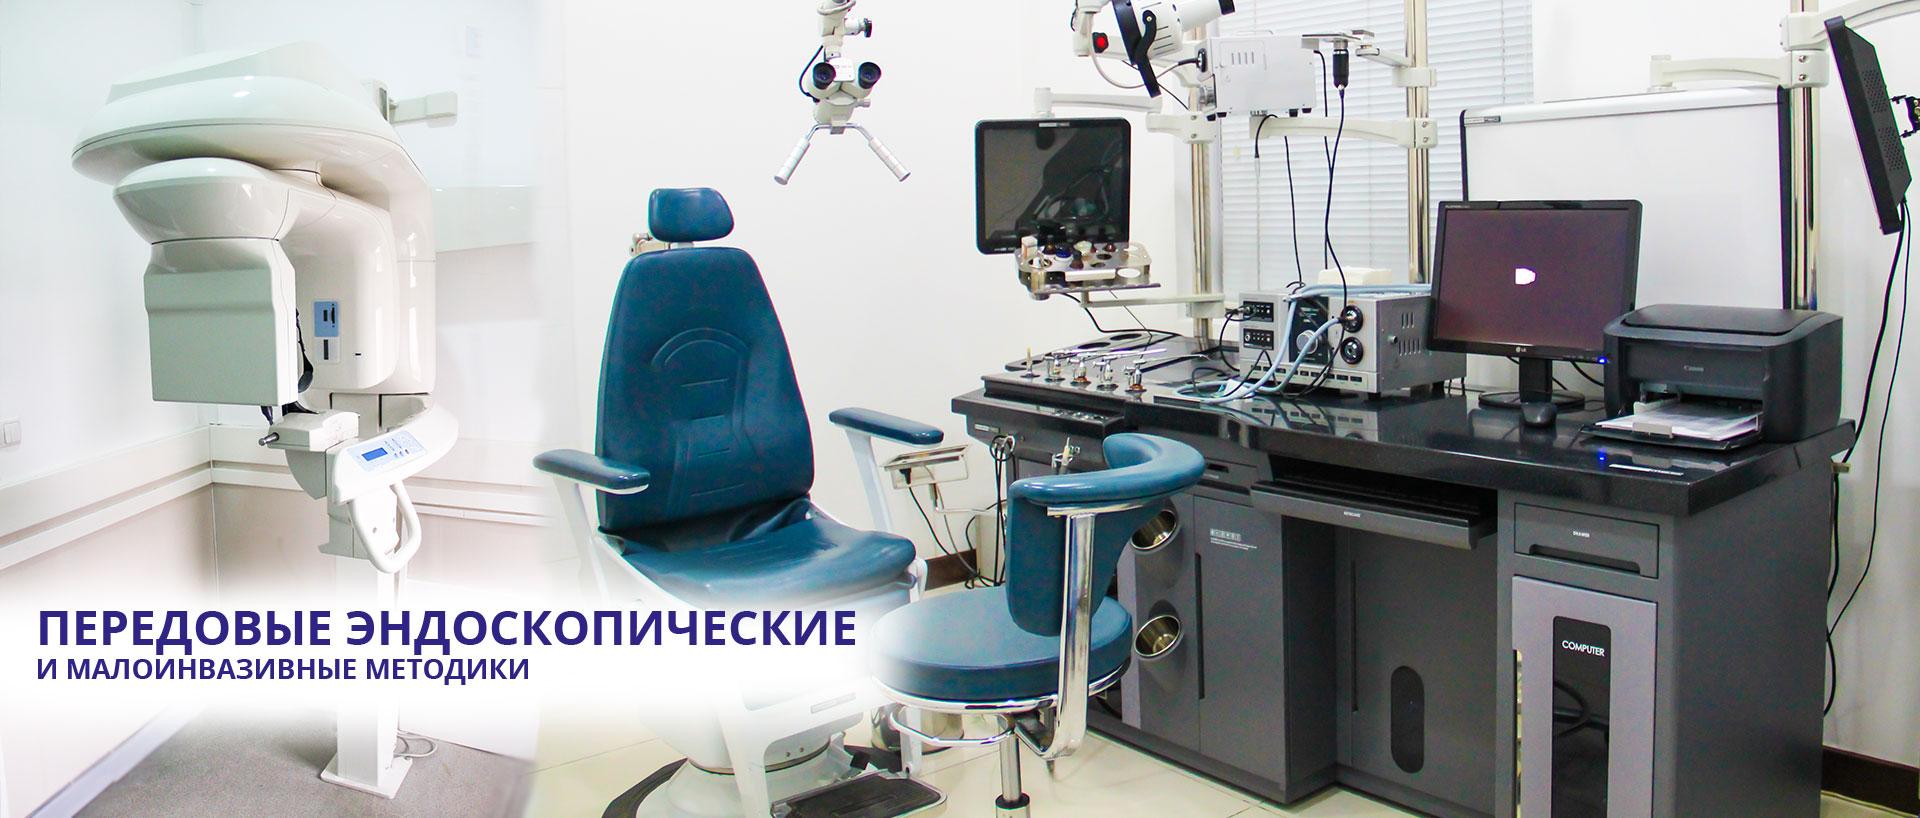 В нашей клинике